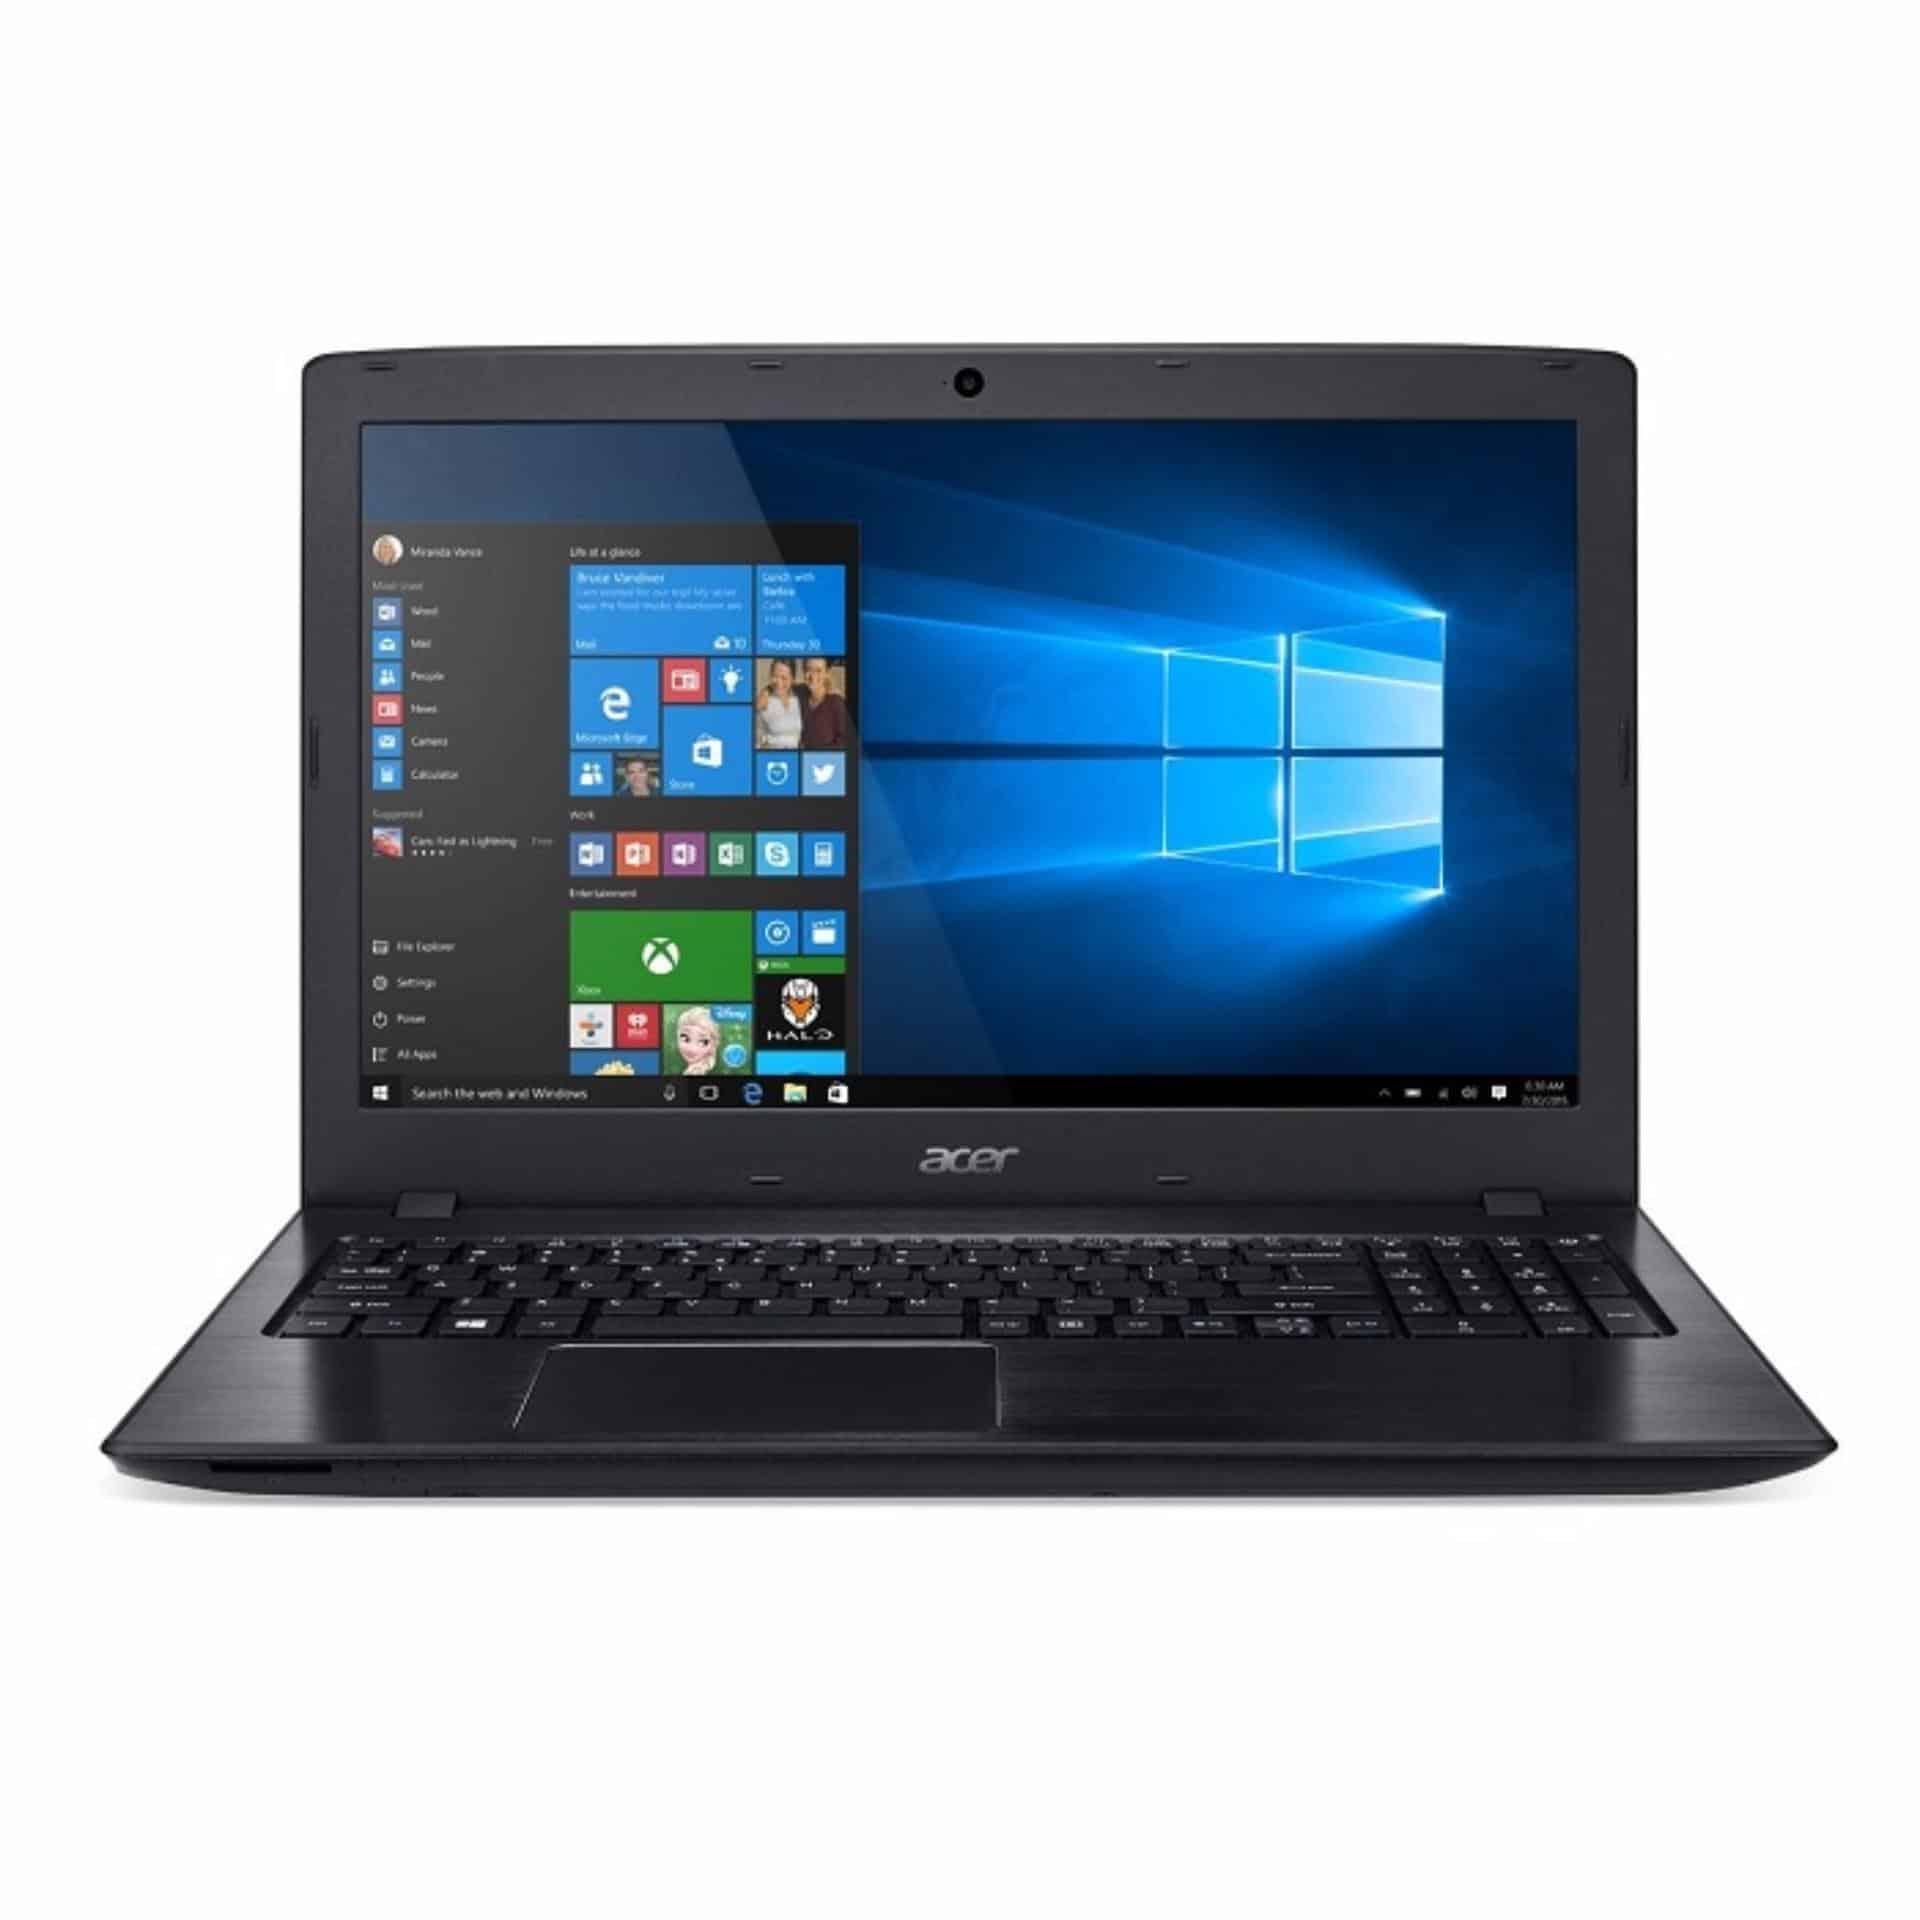 Acer-Aspire-E5-523G-96NN